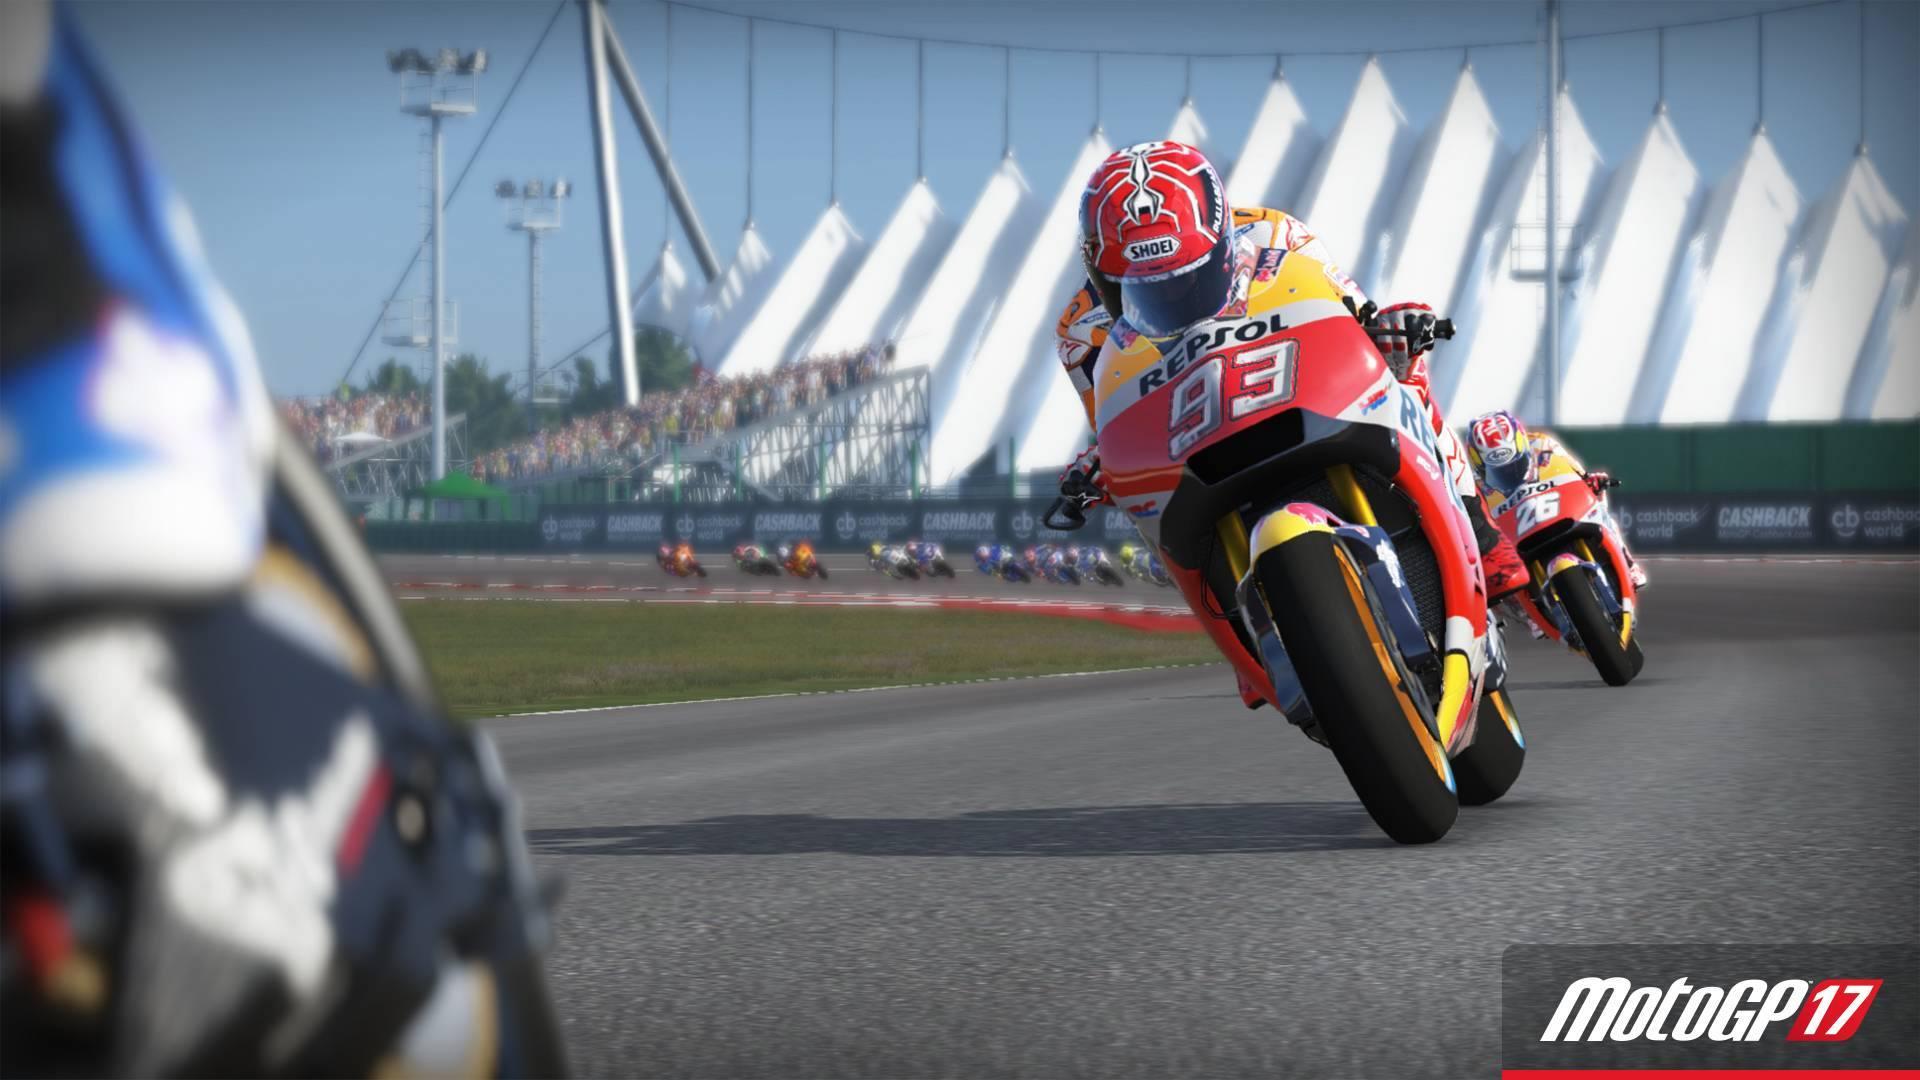 MotoGP 17 B